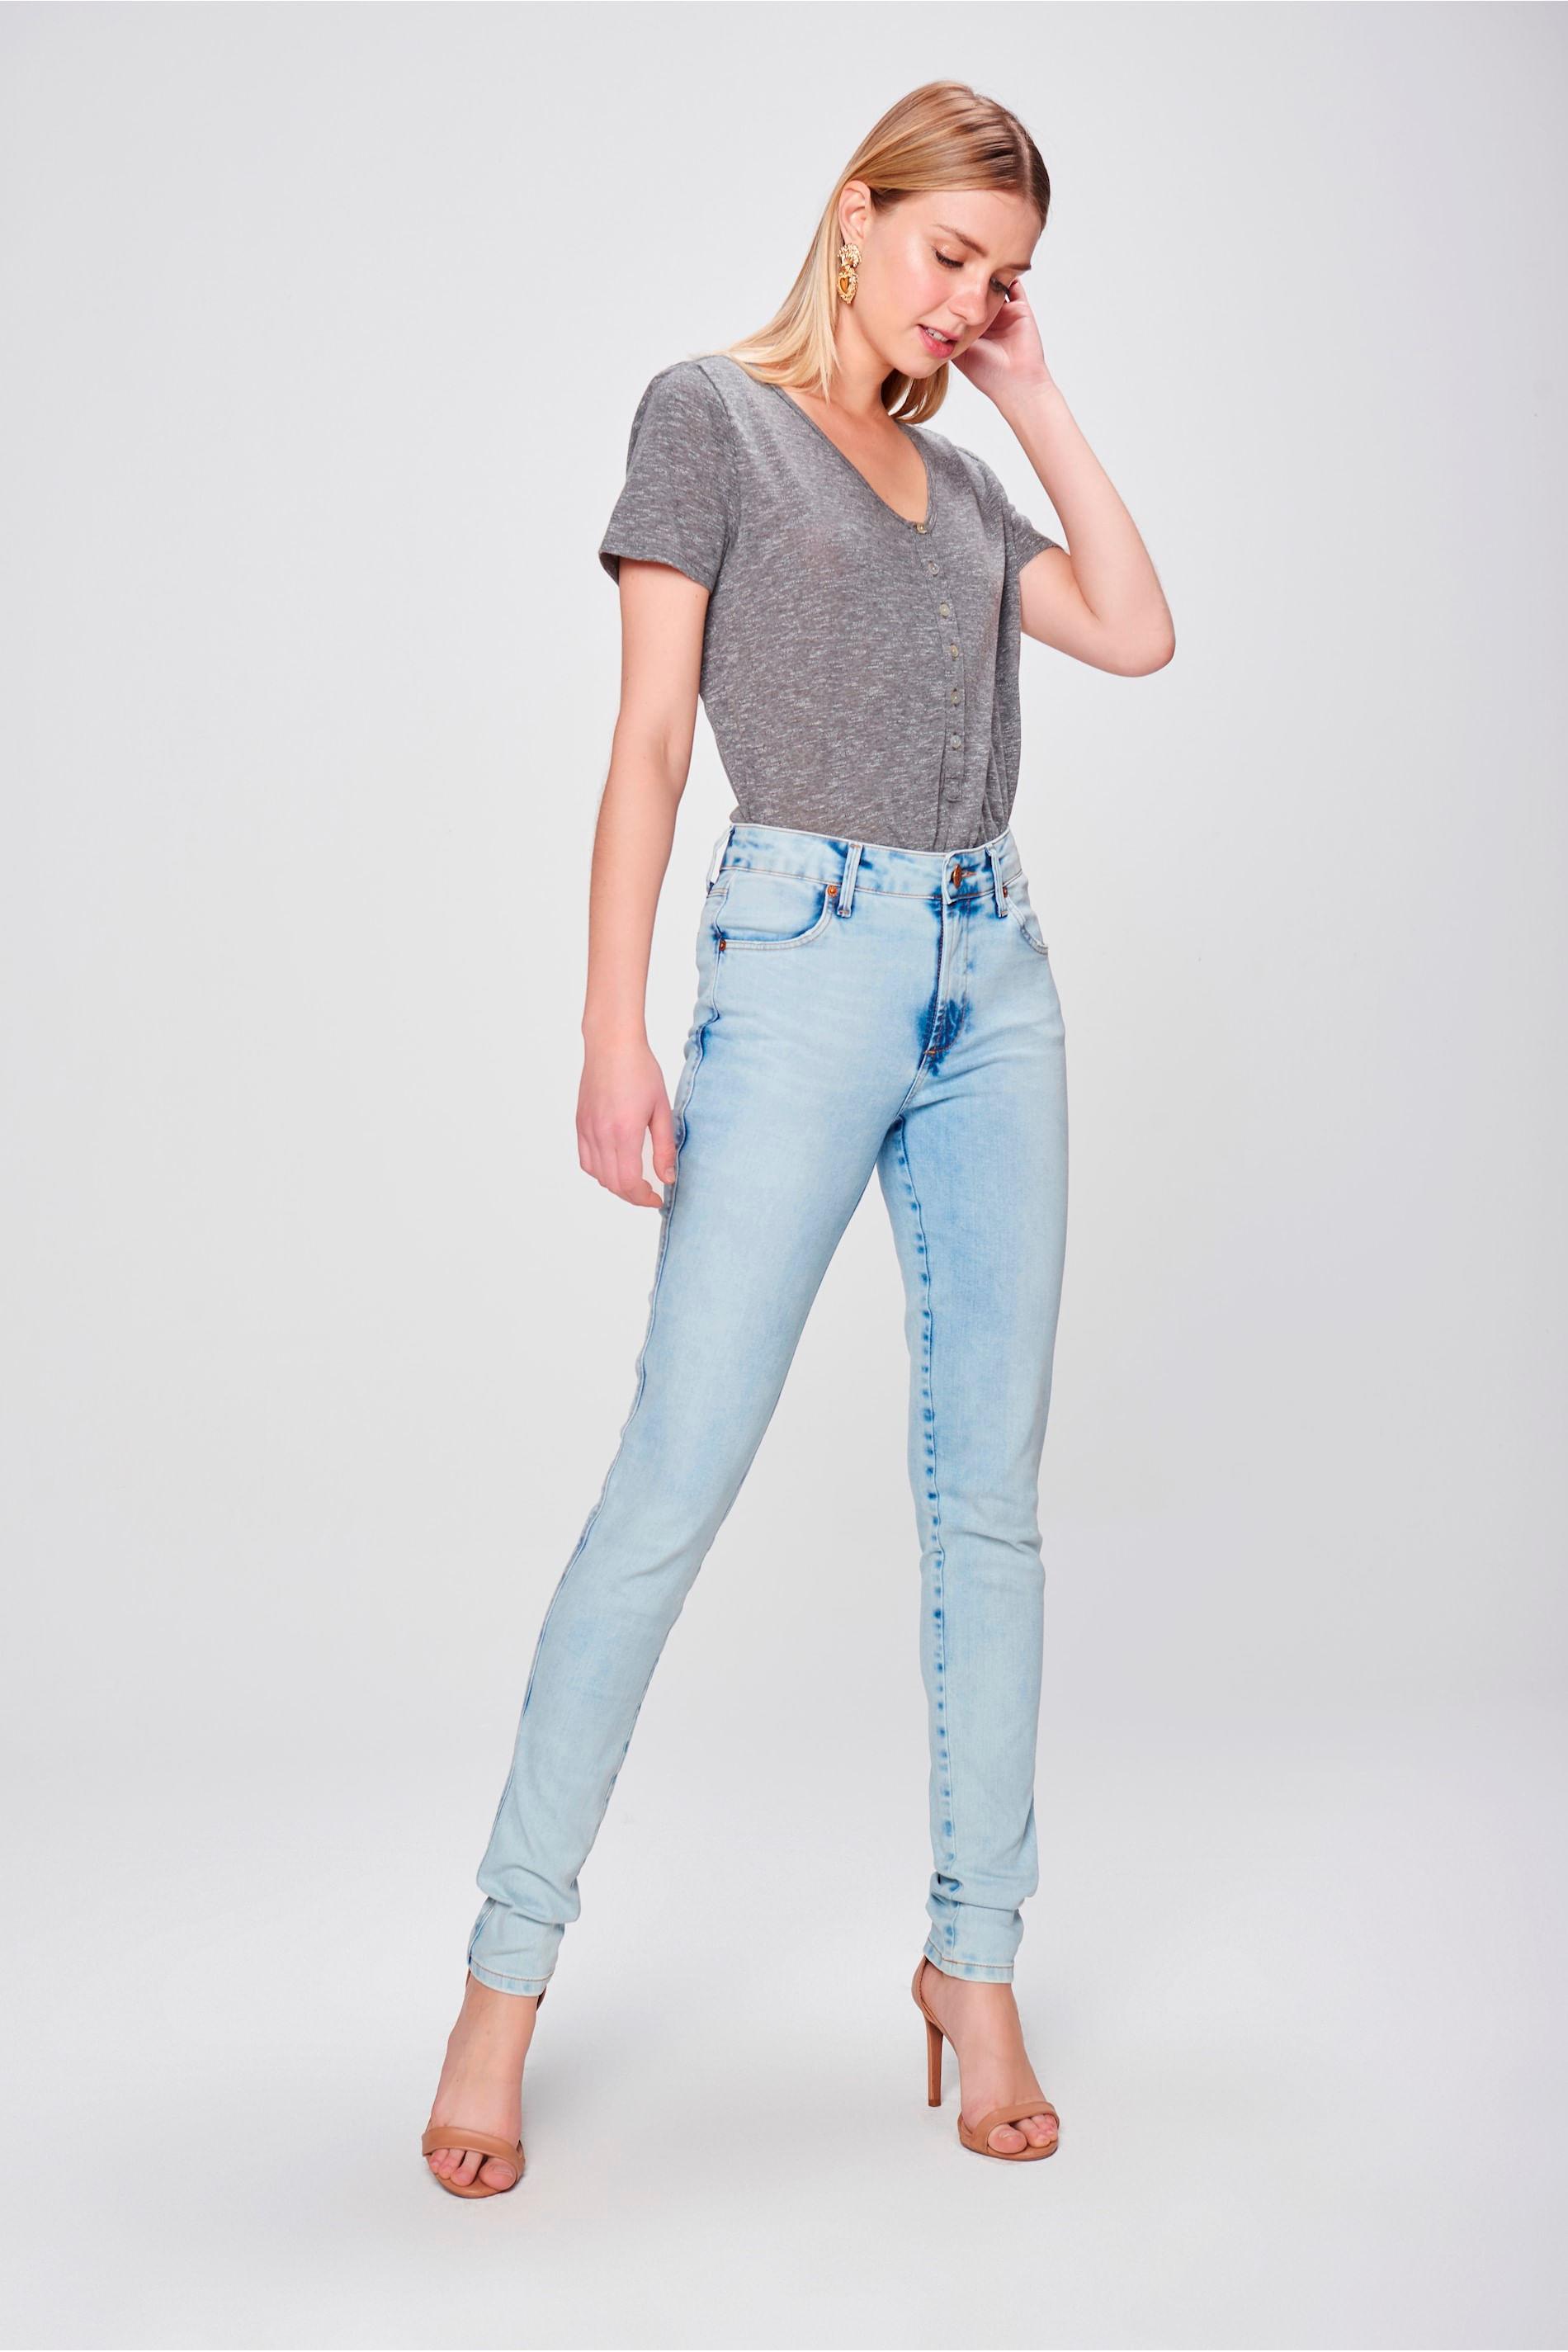 bf11f9048 Calça Skinny Jeans com Bolsos Embutidos - Damyller